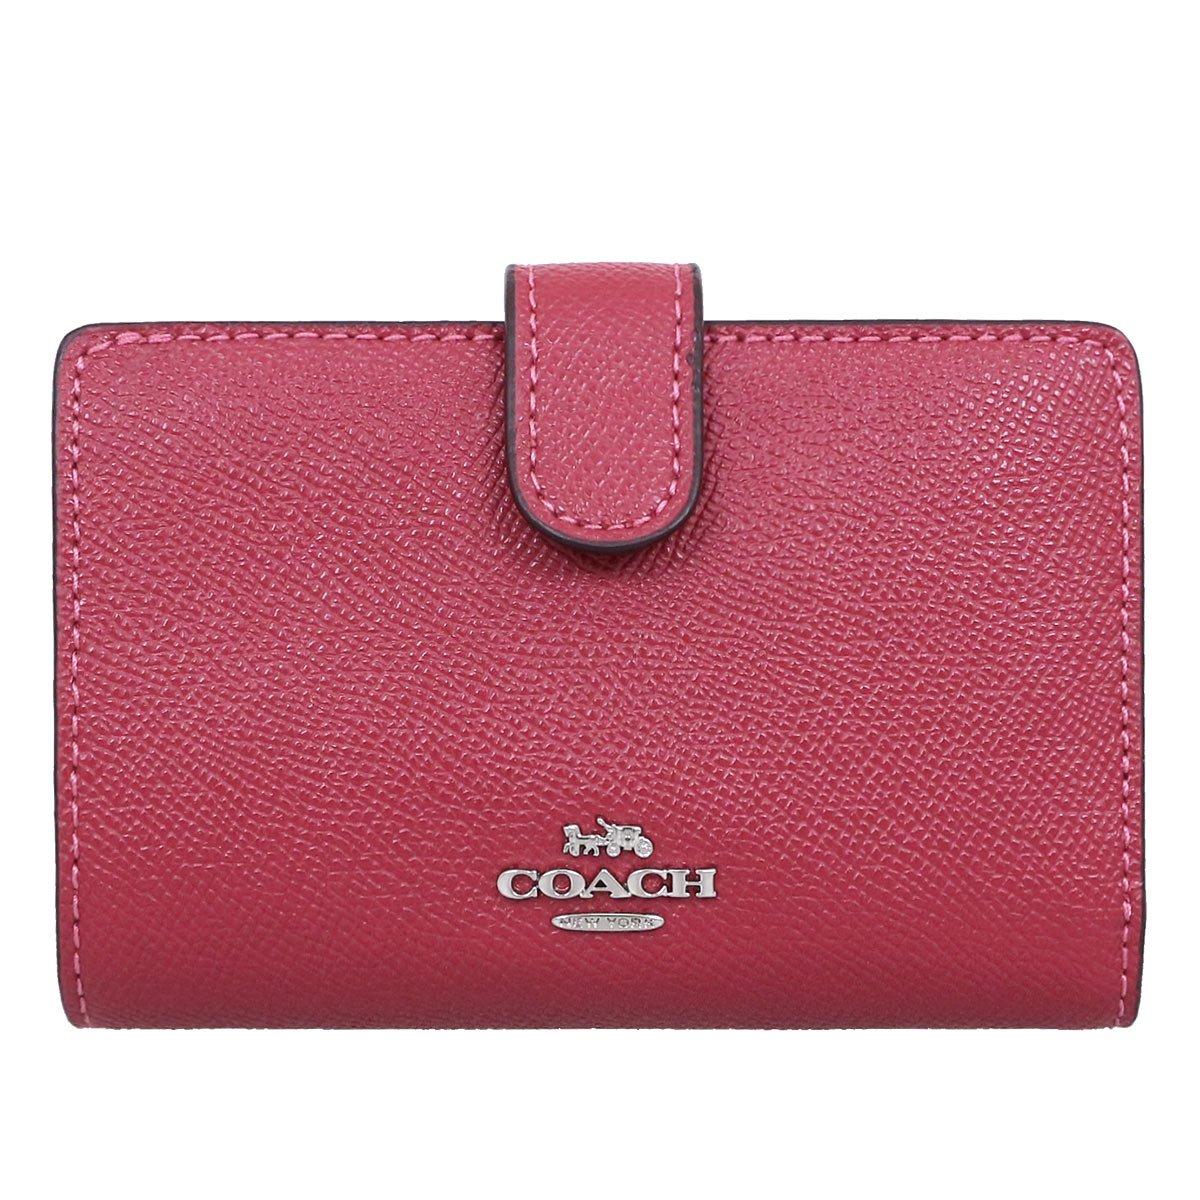 [コーチ] 二つ折り財布  COACH F11484 IMBLK [並行輸入品] B07DS9CFSV ホットピンク ホットピンク